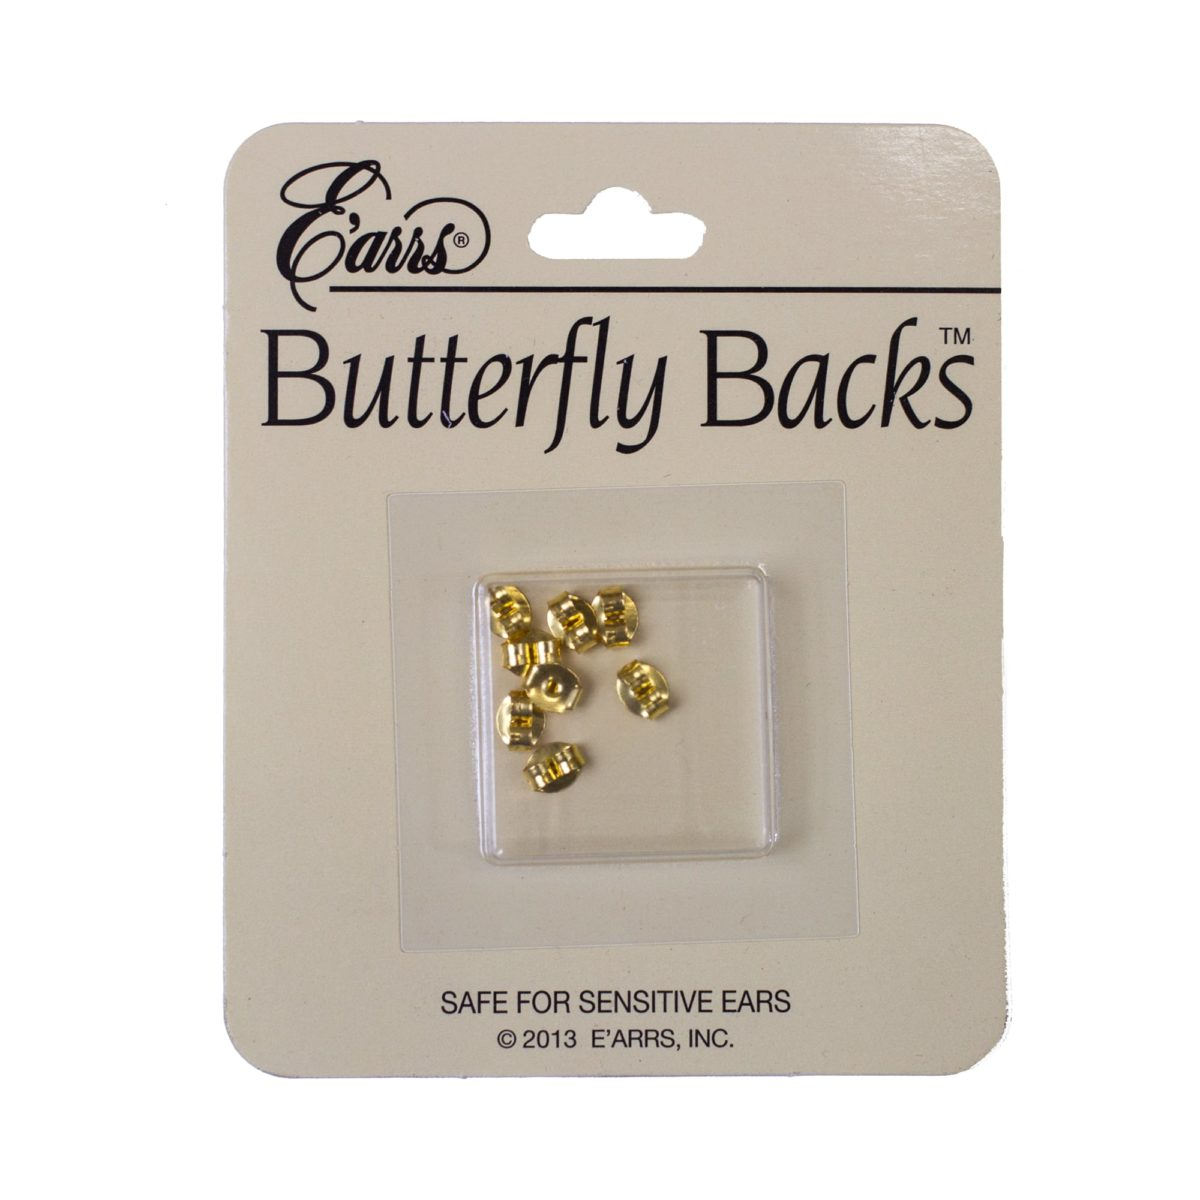 butterflybacks